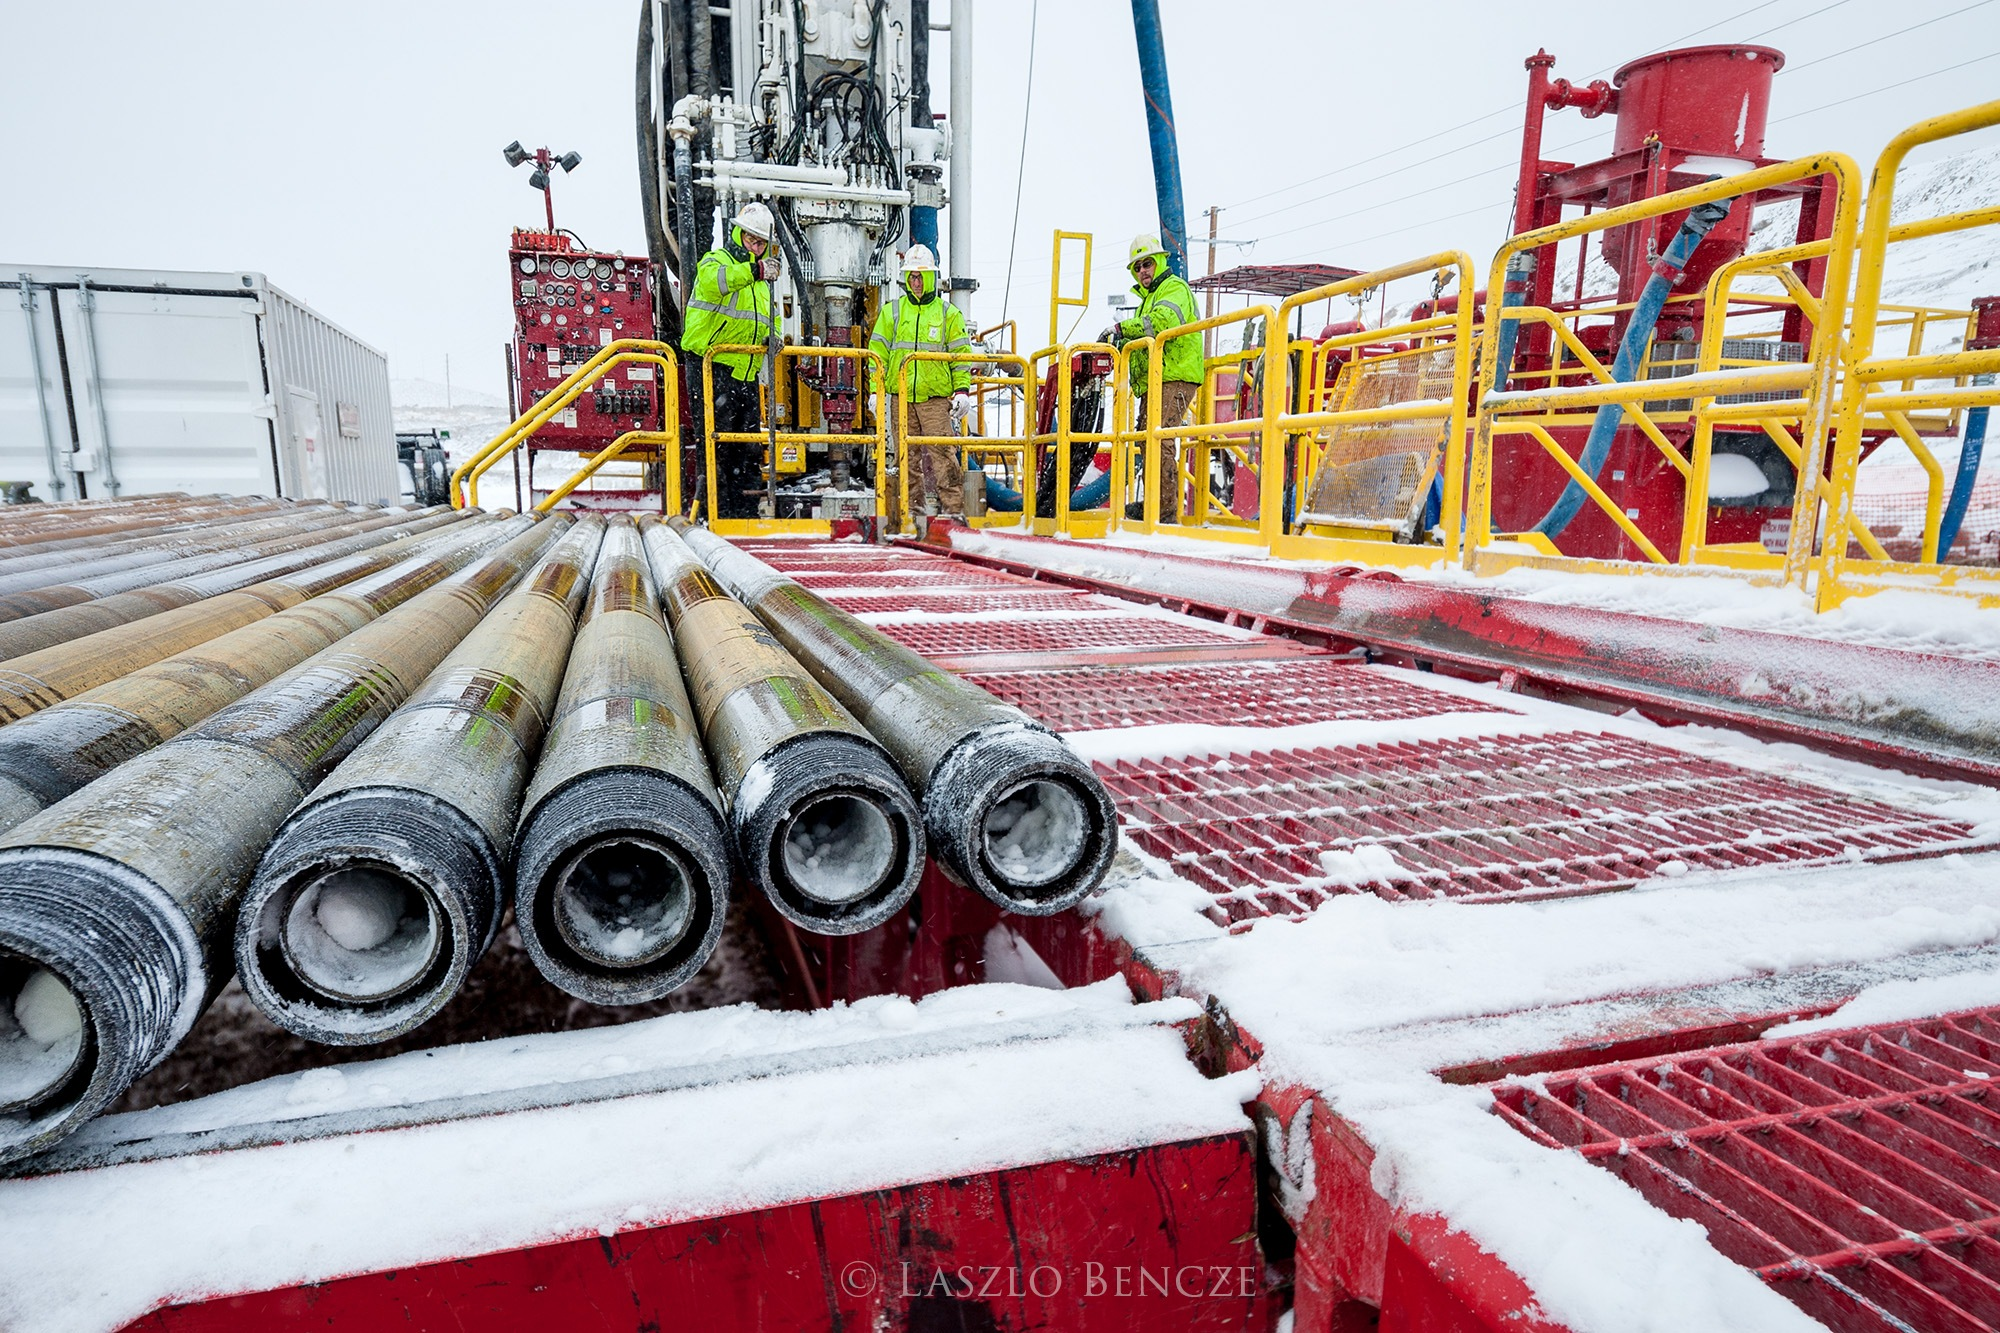 Drilling in Winter by Laszlo Bencze